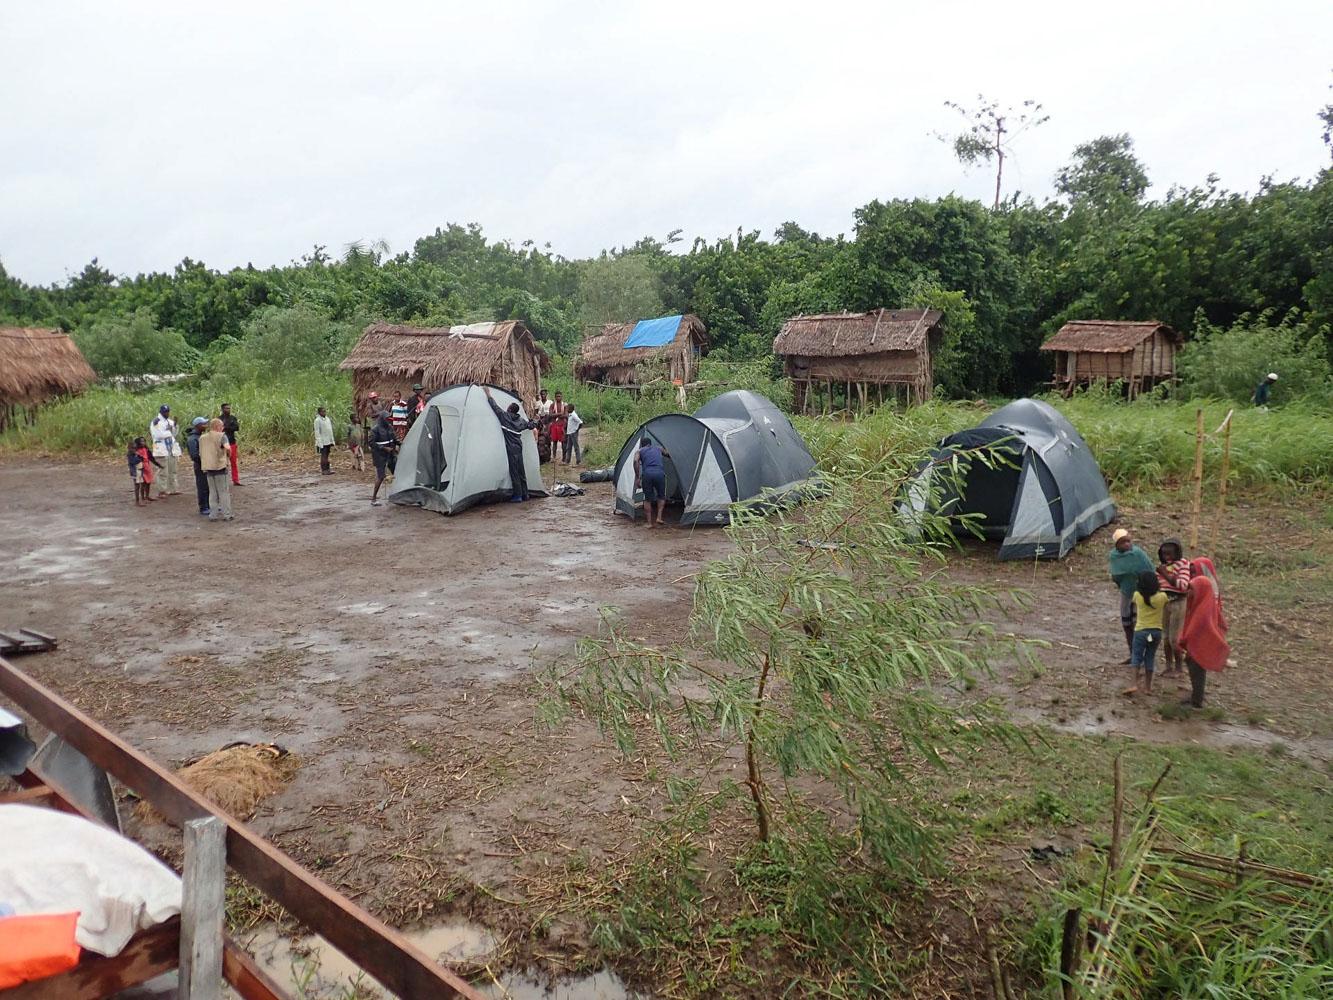 16時頃になったら、キャンプをするのに快適な場所を探す様だ。もちろん、そういうところを選んでるんだろうけど、何処の村も人々は、とってもフレンドリー。